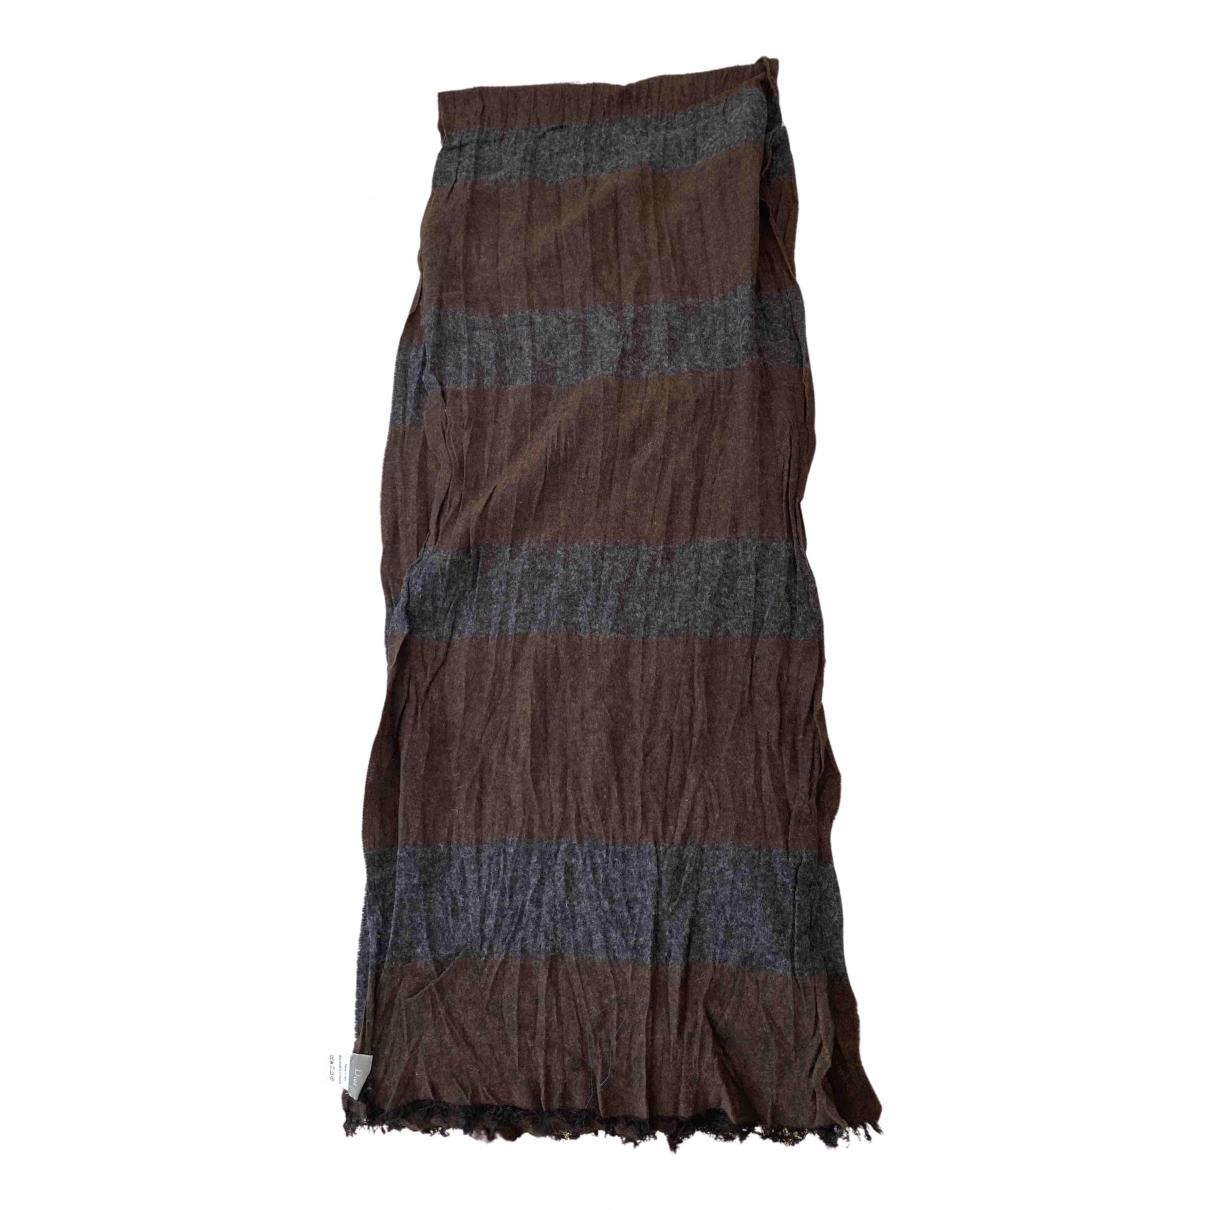 Dior \N Tuecher, Schal in  Braun Wolle